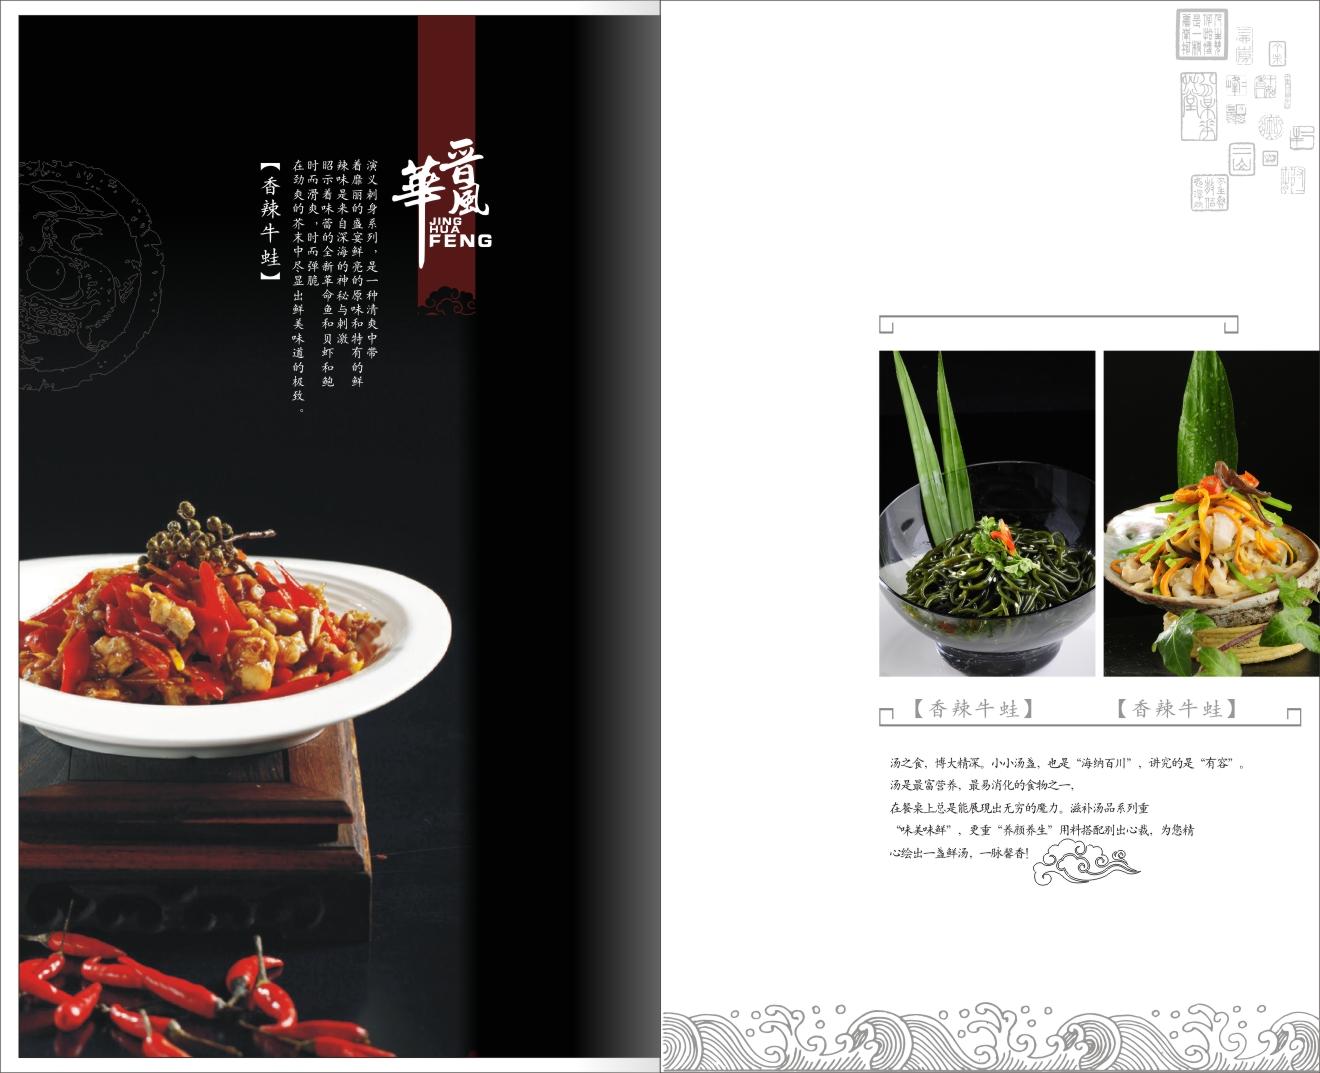 516号菜谱设计:菜谱册西北菜高档菜谱